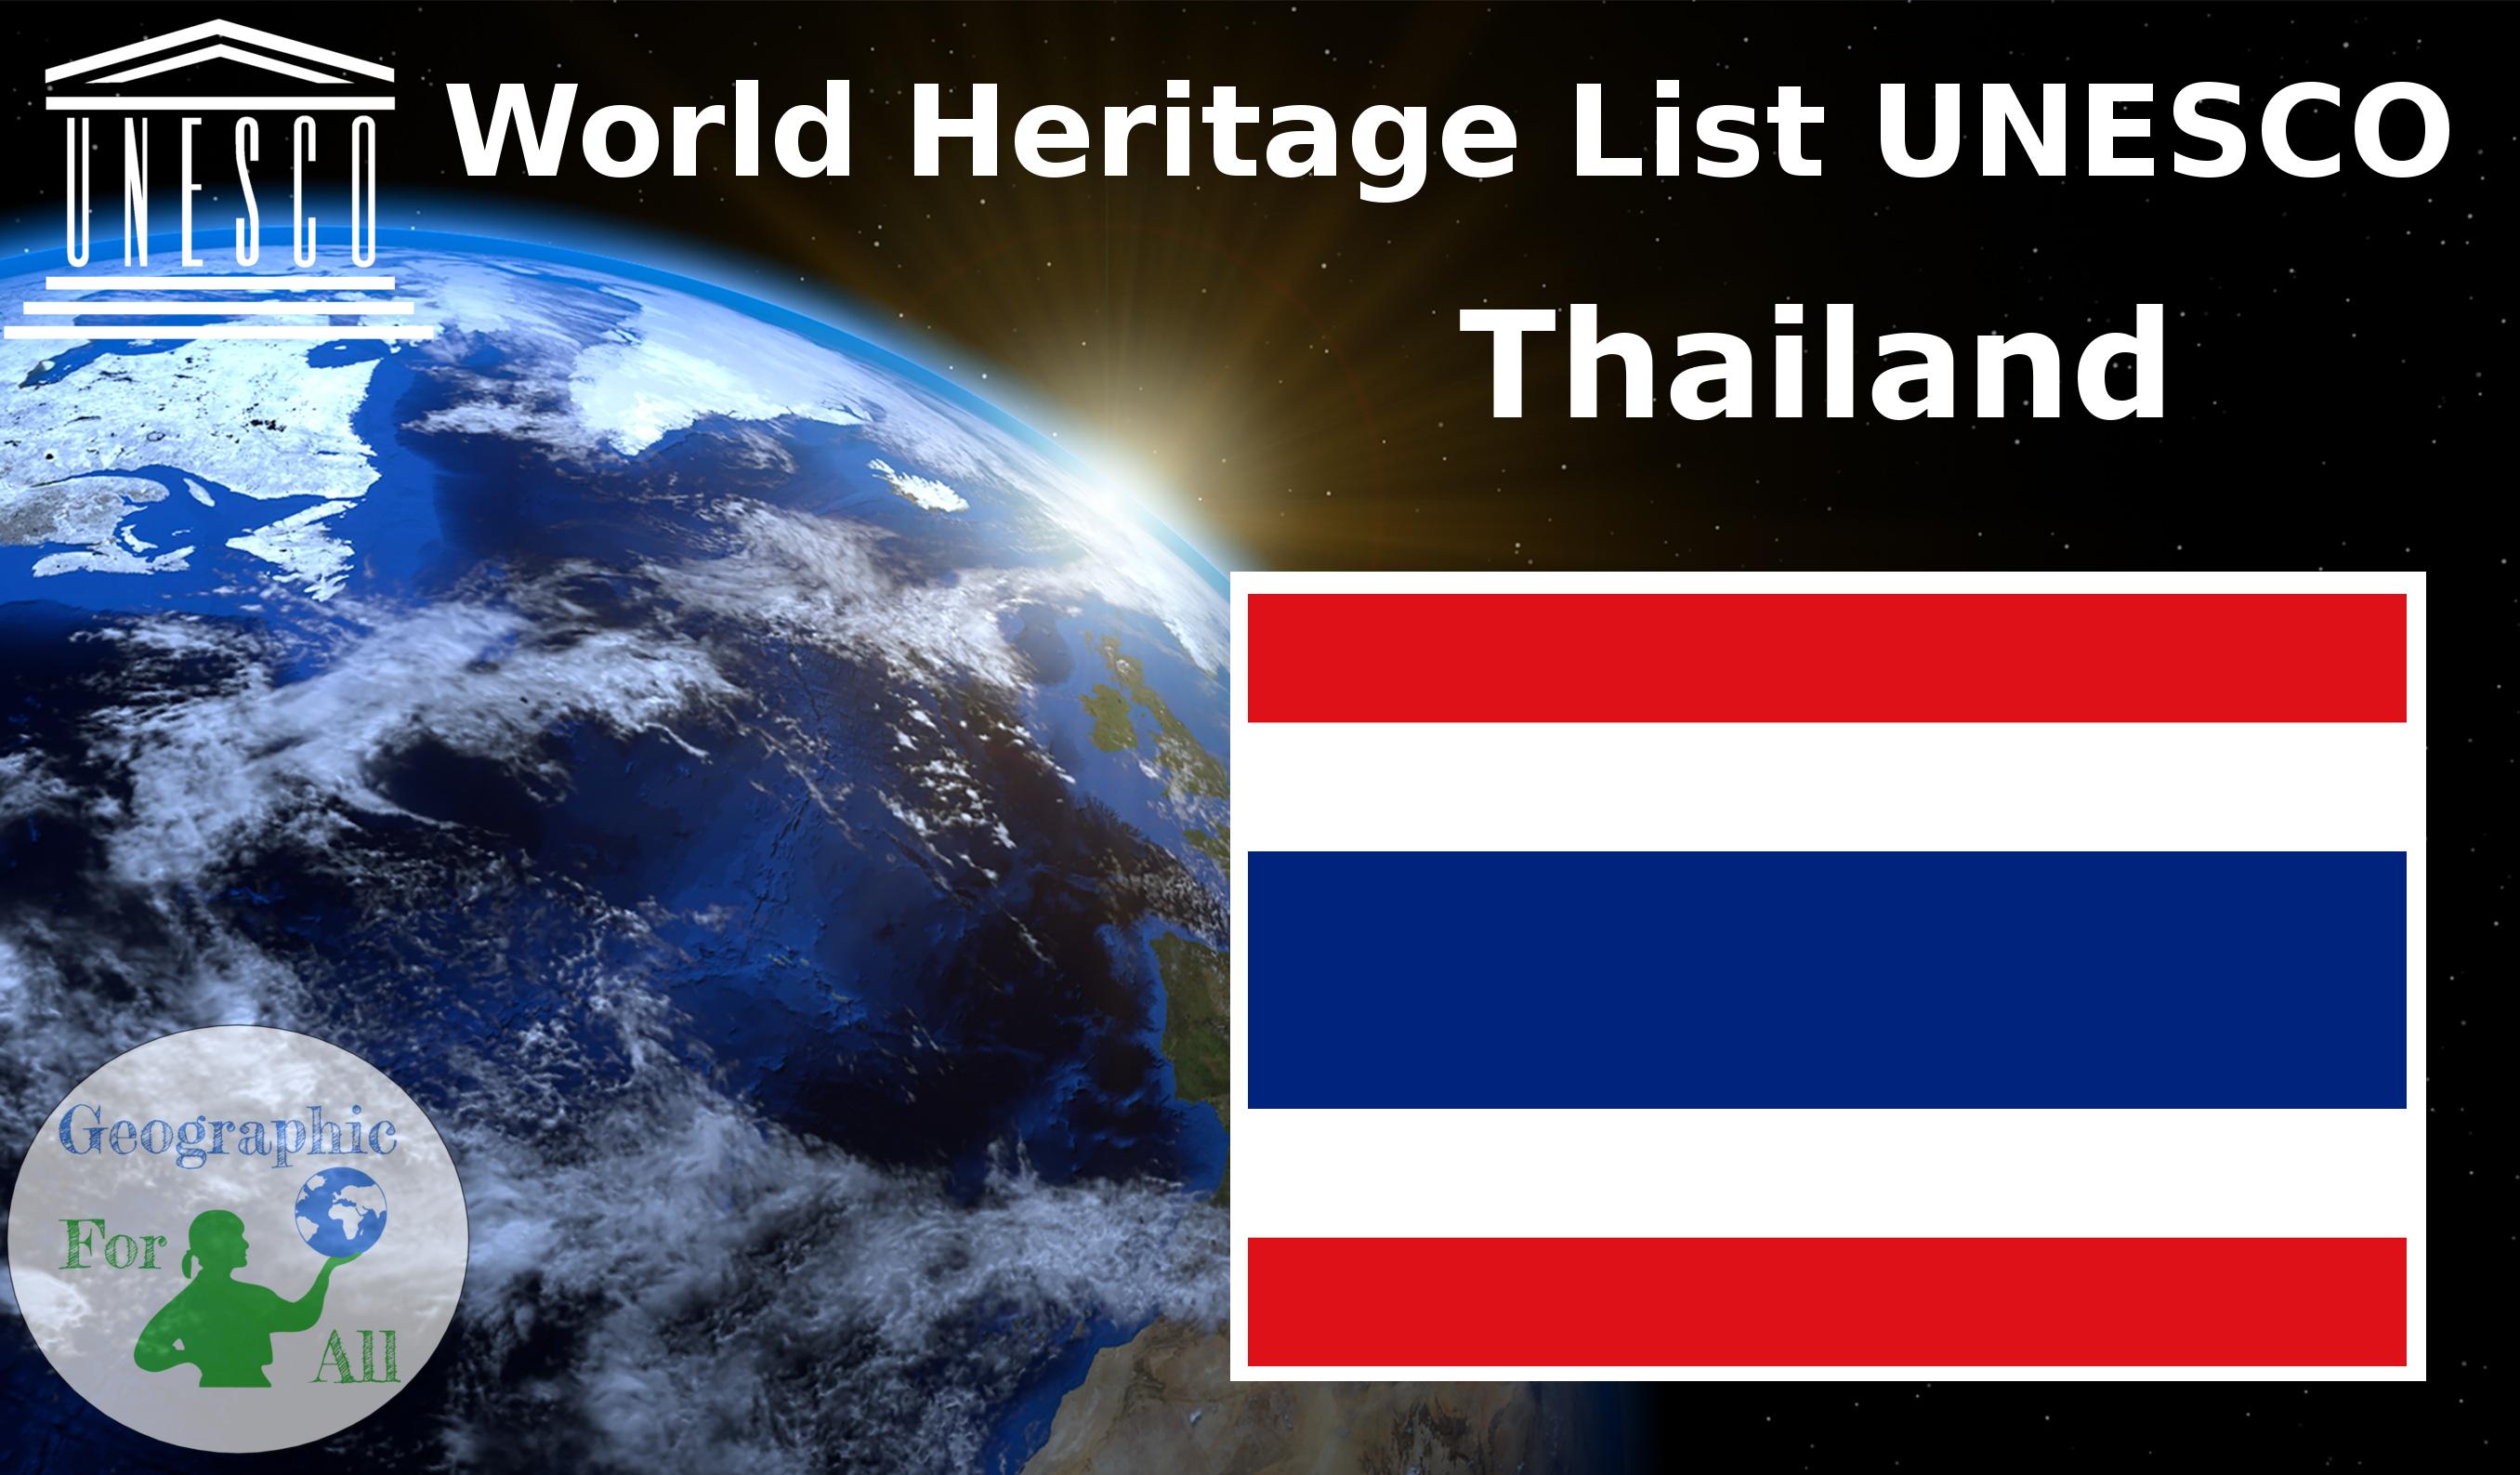 World Heritage List UNESCO - Thailand